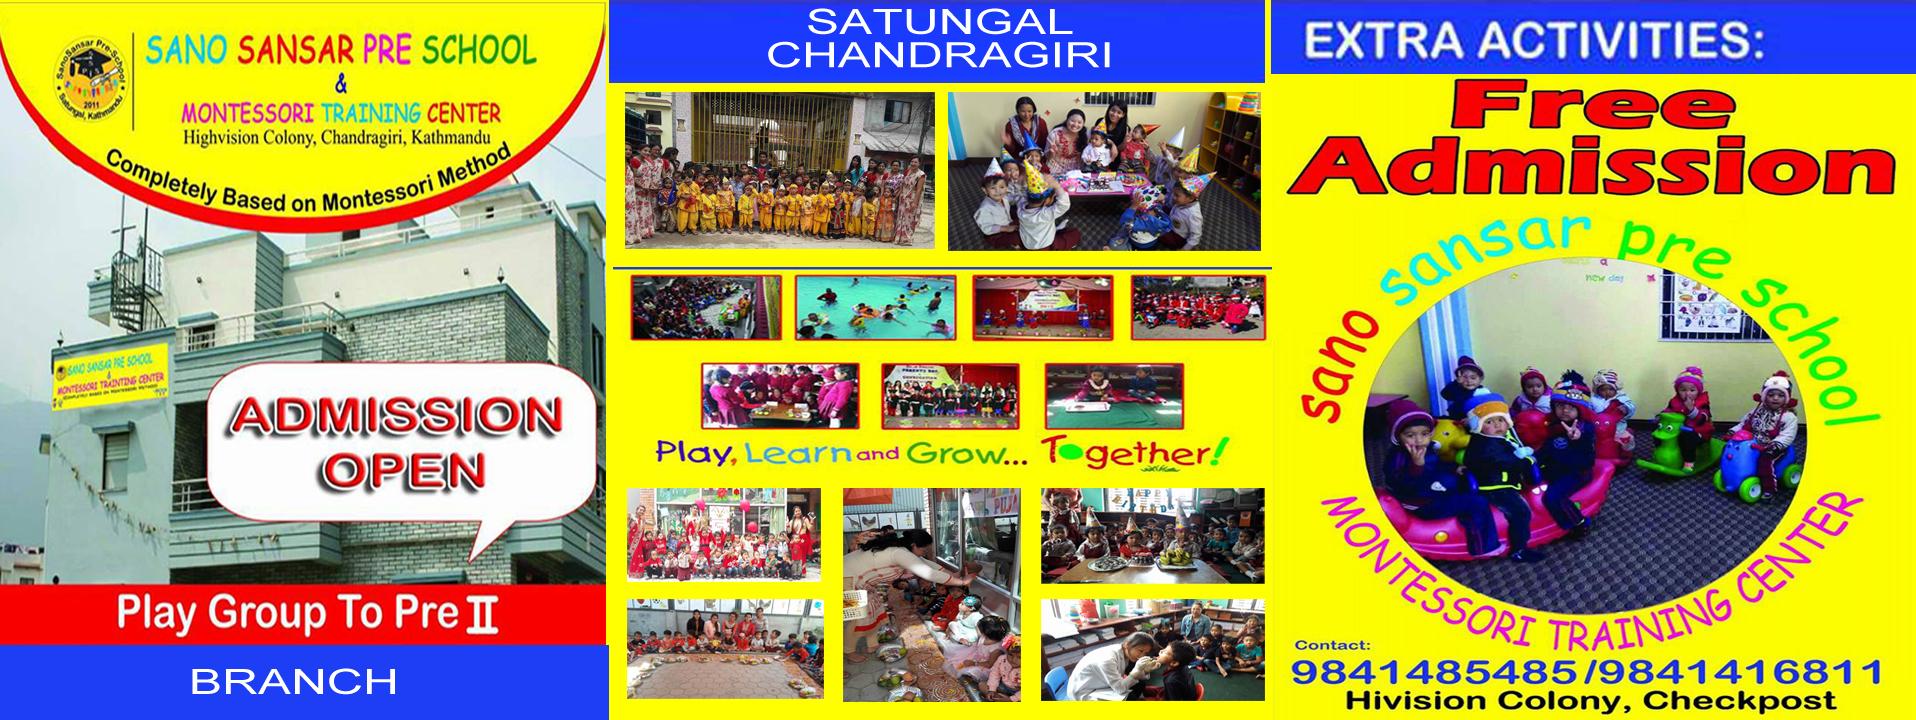 Chandragirinews sano-sansar1 बालबालिका तथा महिलाको उद्दार अपराध नगरपालिका ब्रेकिंग न्युज    chandragiri